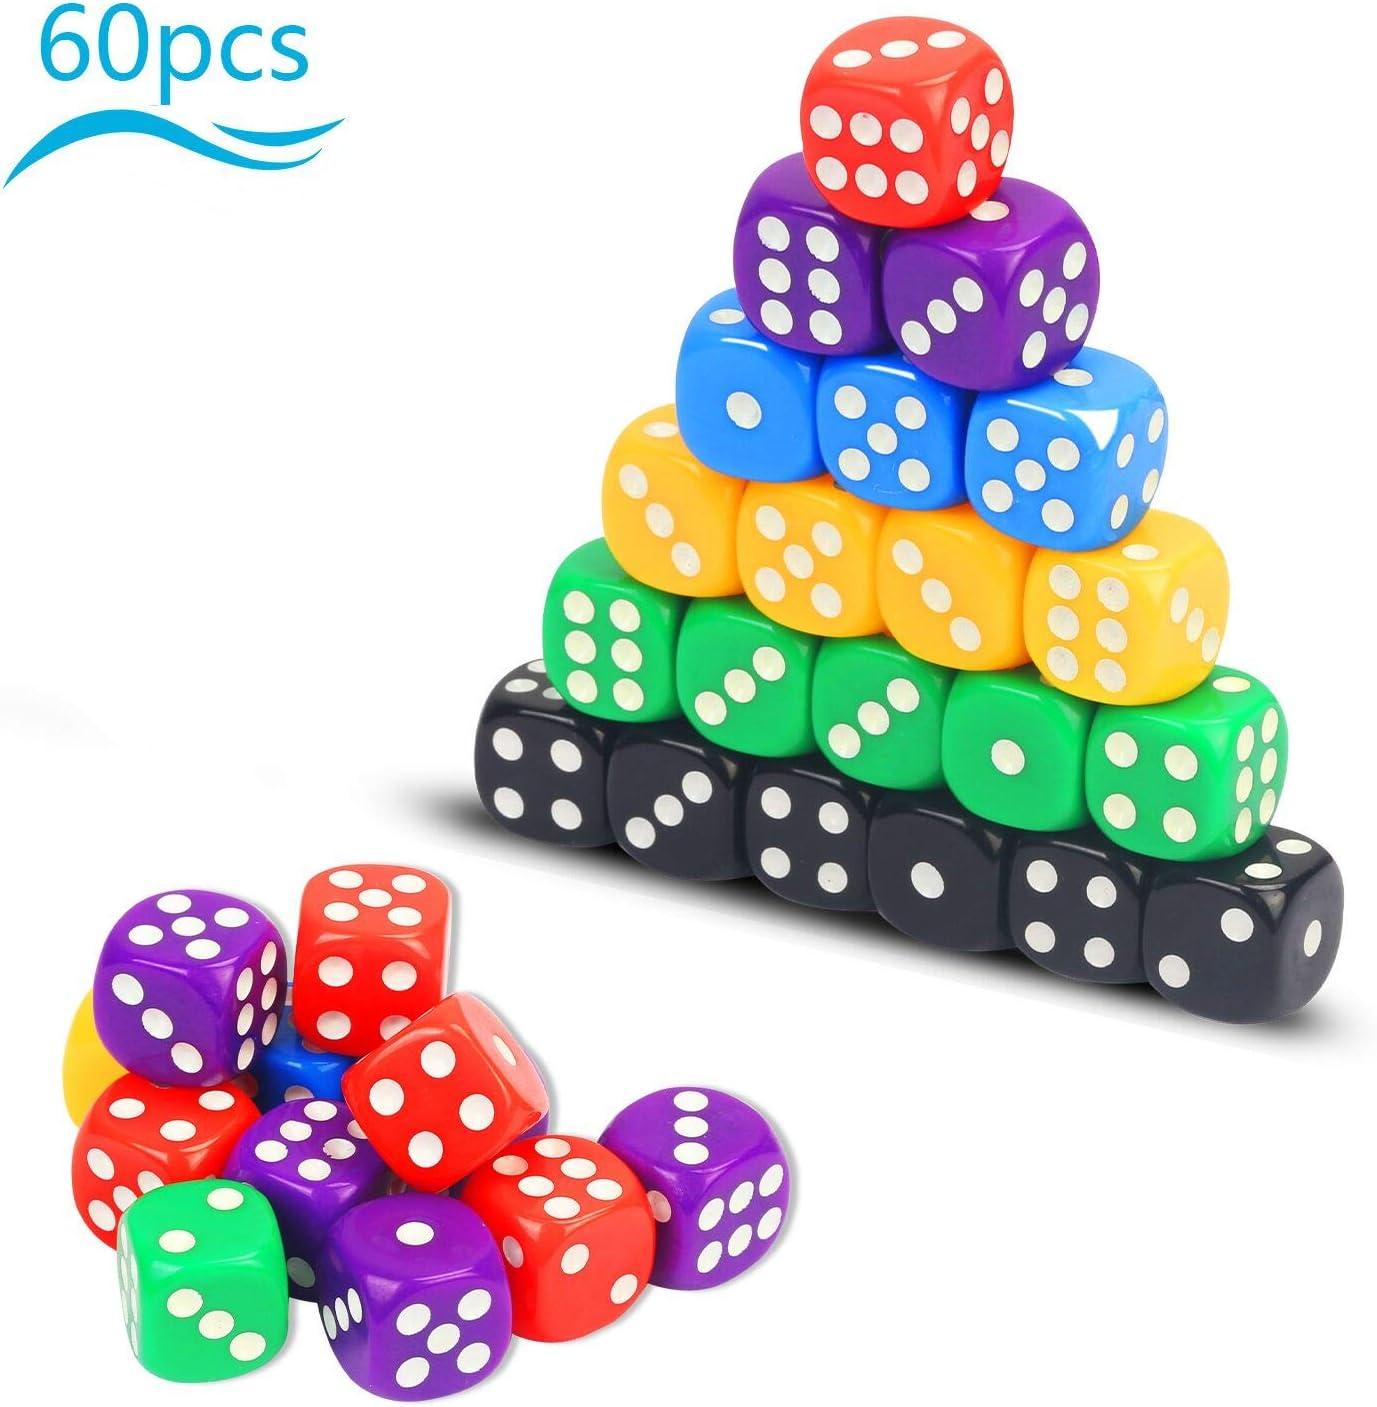 Dados multicolor KATOOM 60pcs Dado de acrílico con seis colores y seis caras para juego de dado y cartas en fiestas y bares con amigo y familias para divertirse en vacaciones probilidad de matemática